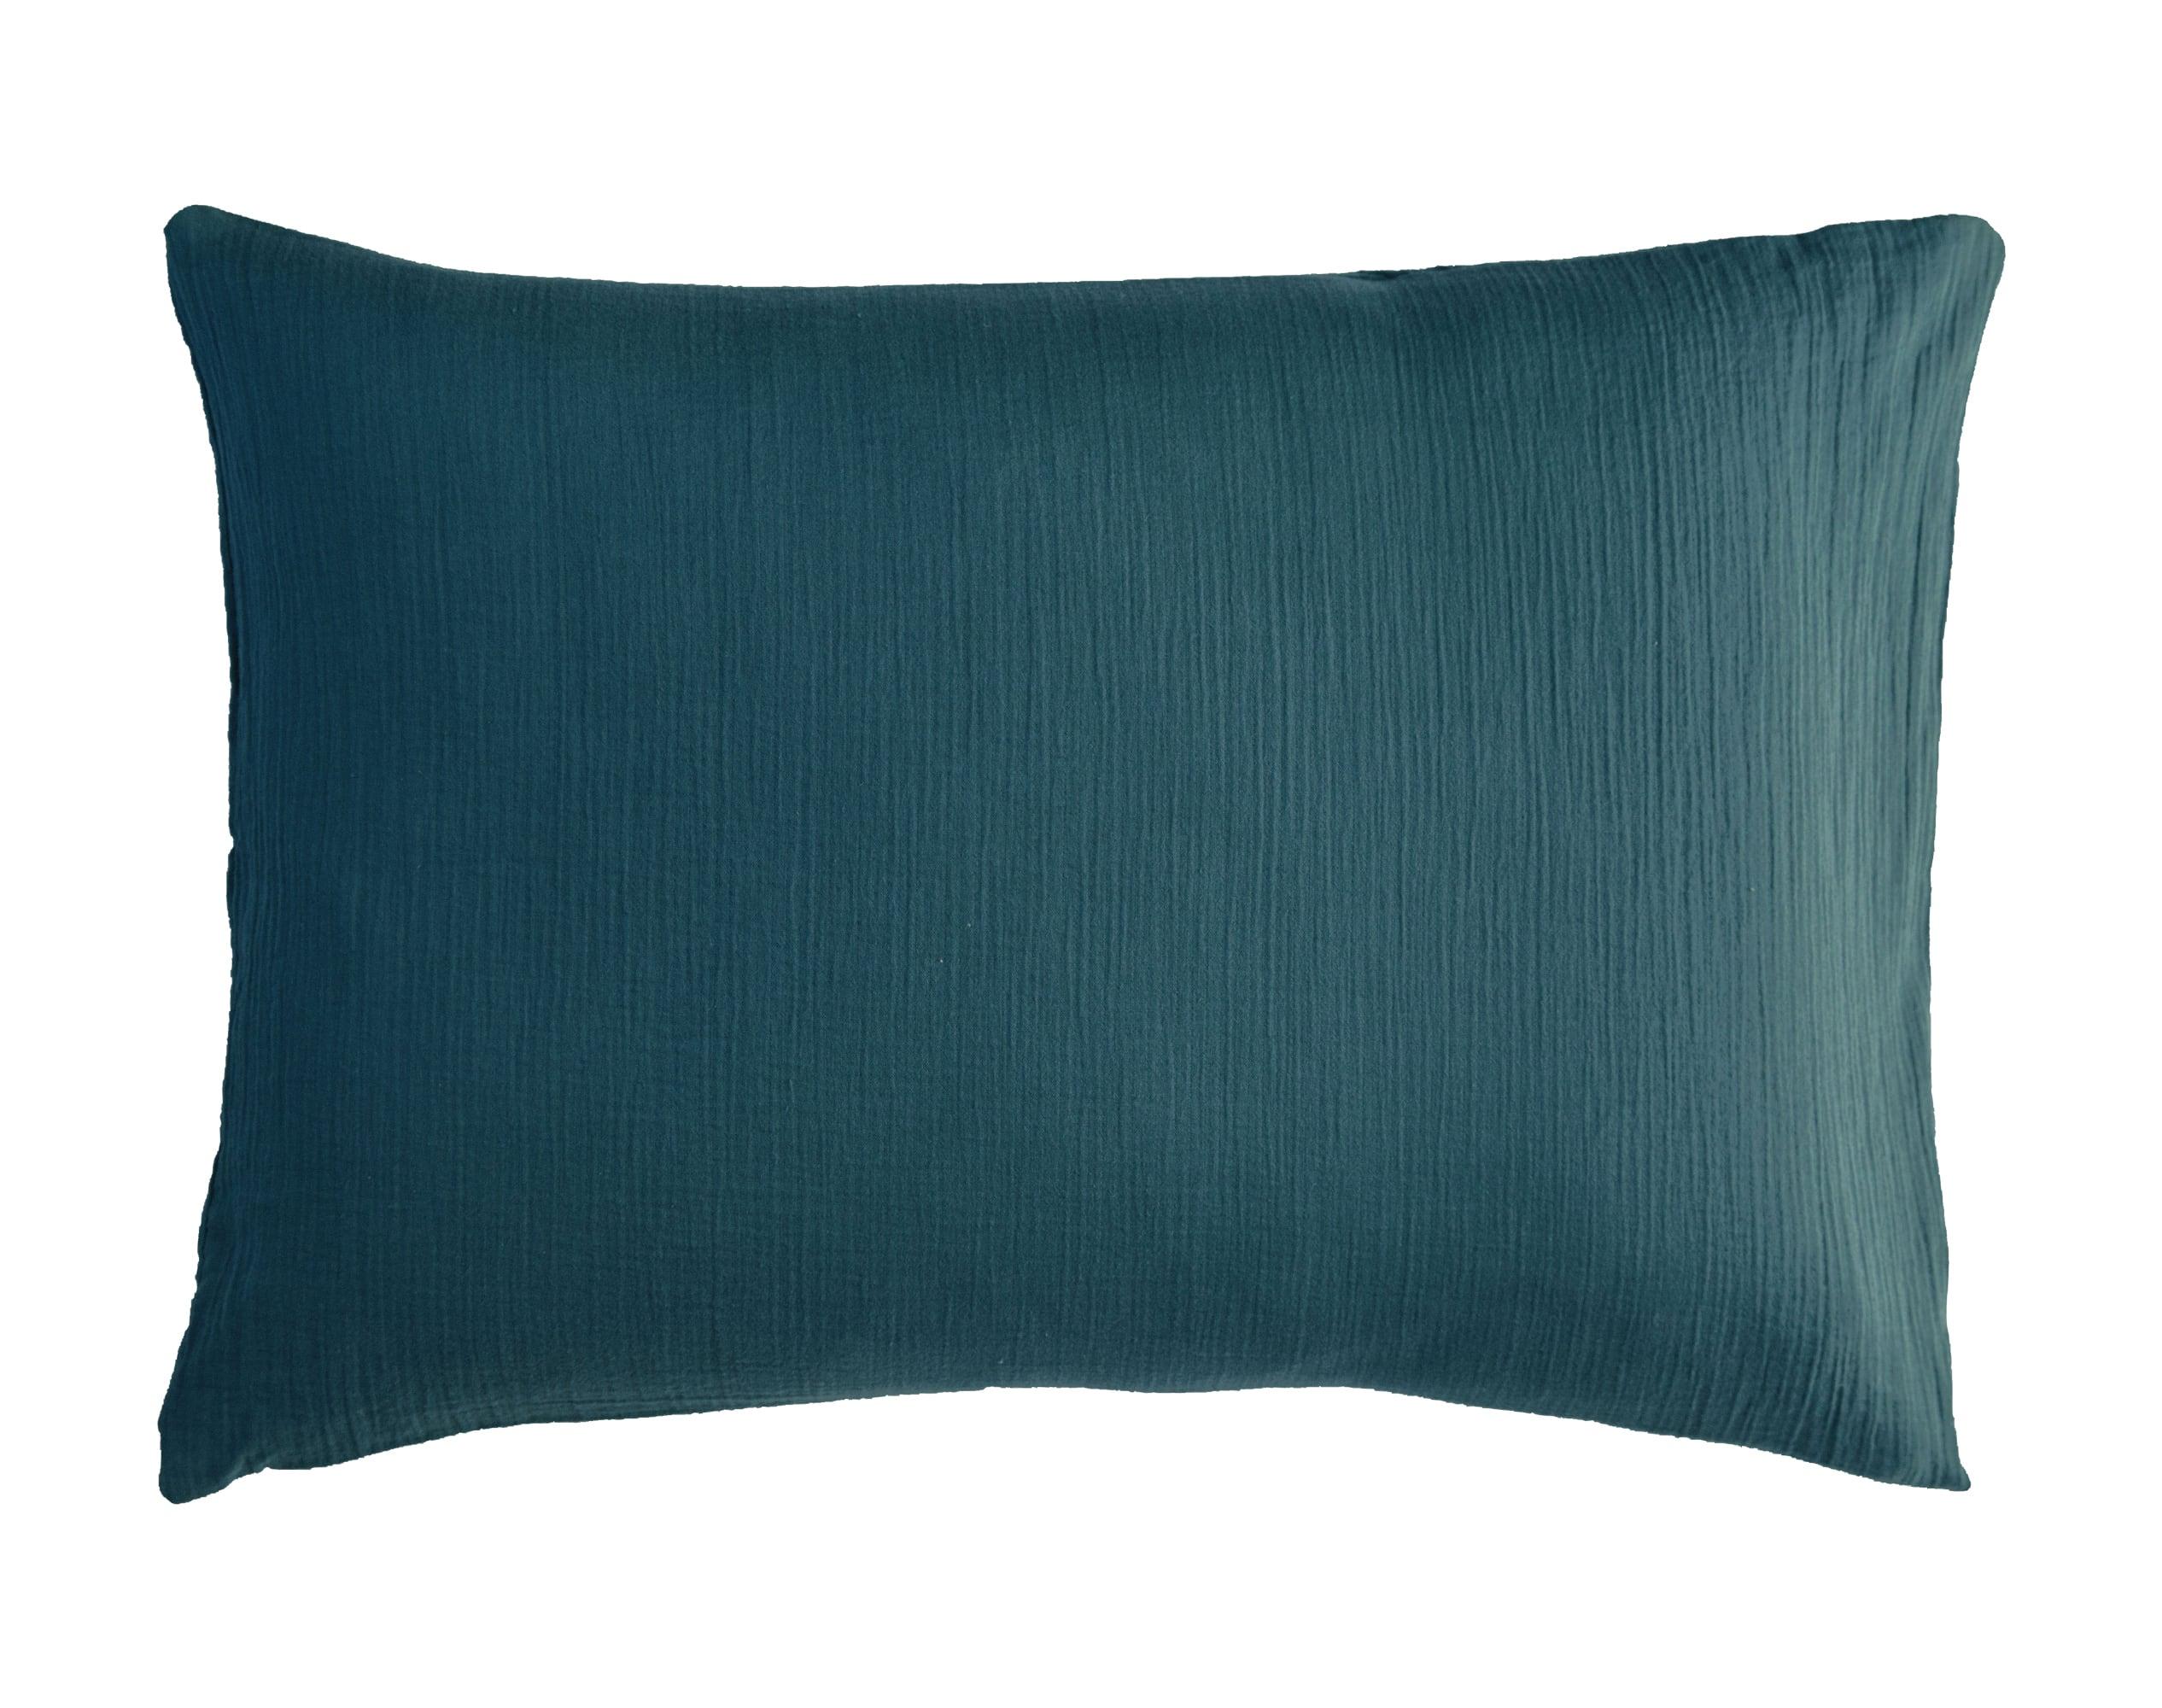 Taie d'oreiller 50x70 en gaze de coton bleu canard